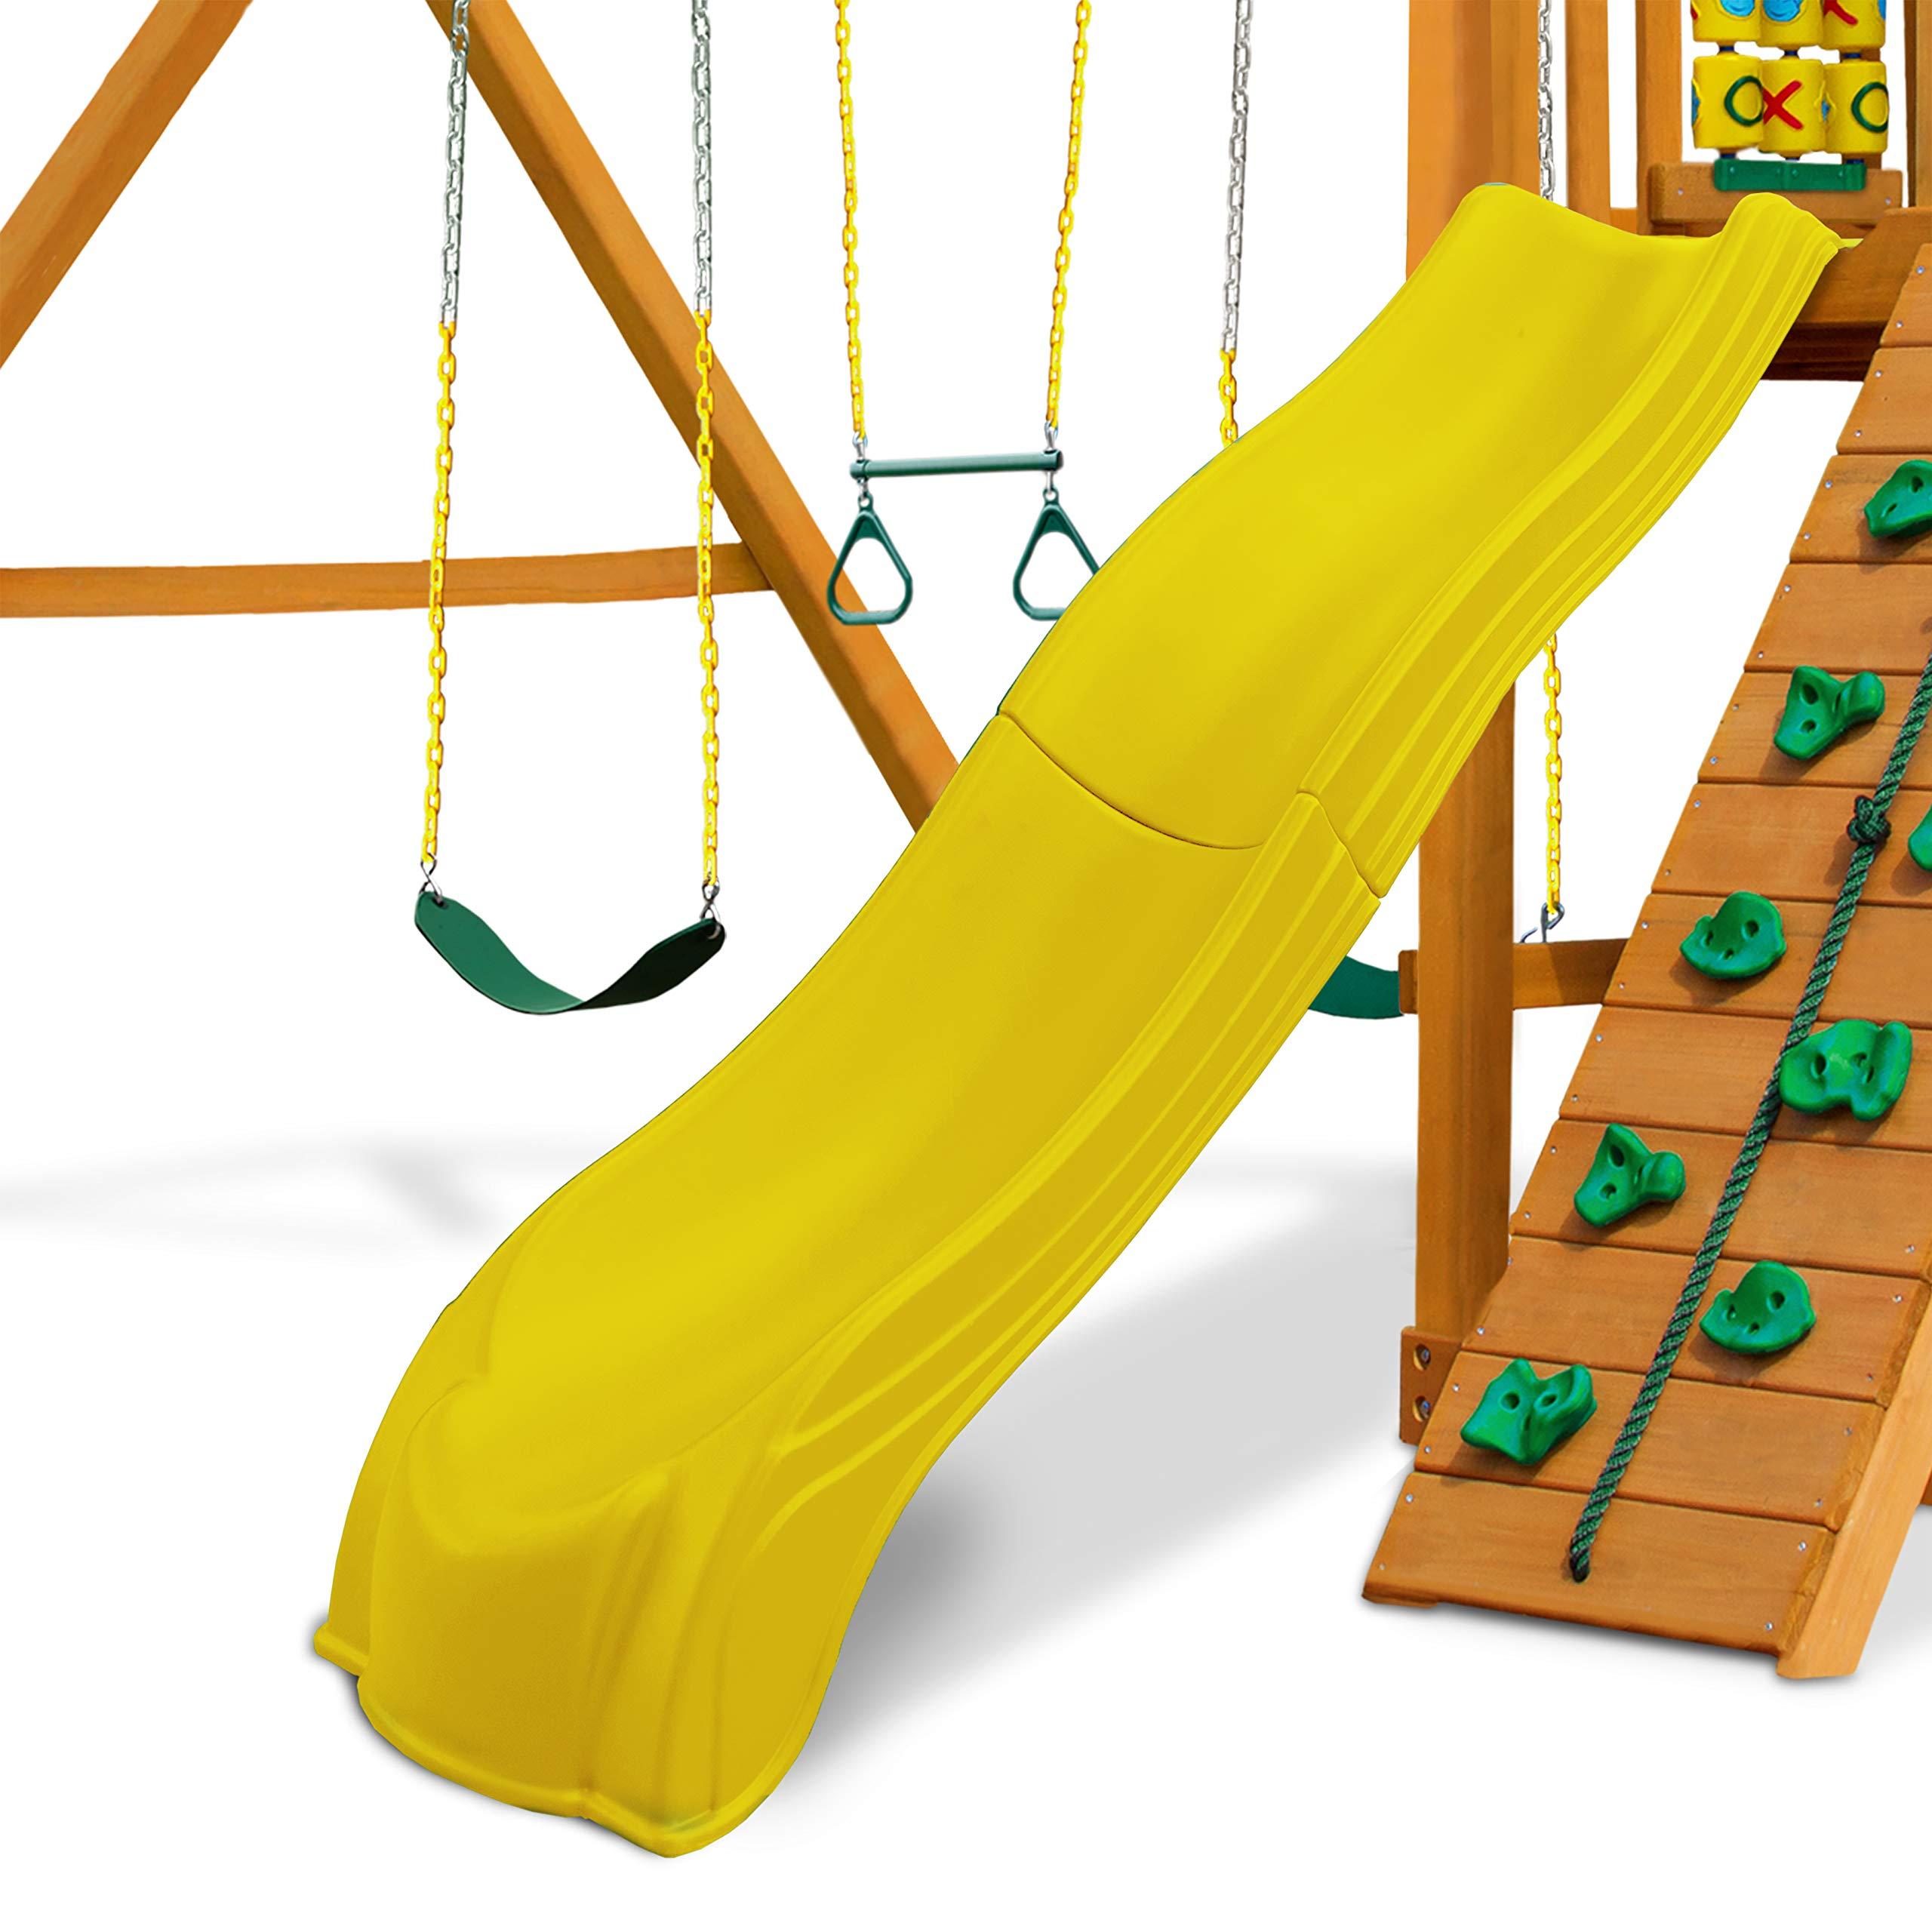 Swing-N-Slide WS 5031 Olympus Wave Slide 2 Piece Plastic Slide for 5' Decks, Yellow by Swing-N-Slide (Image #7)